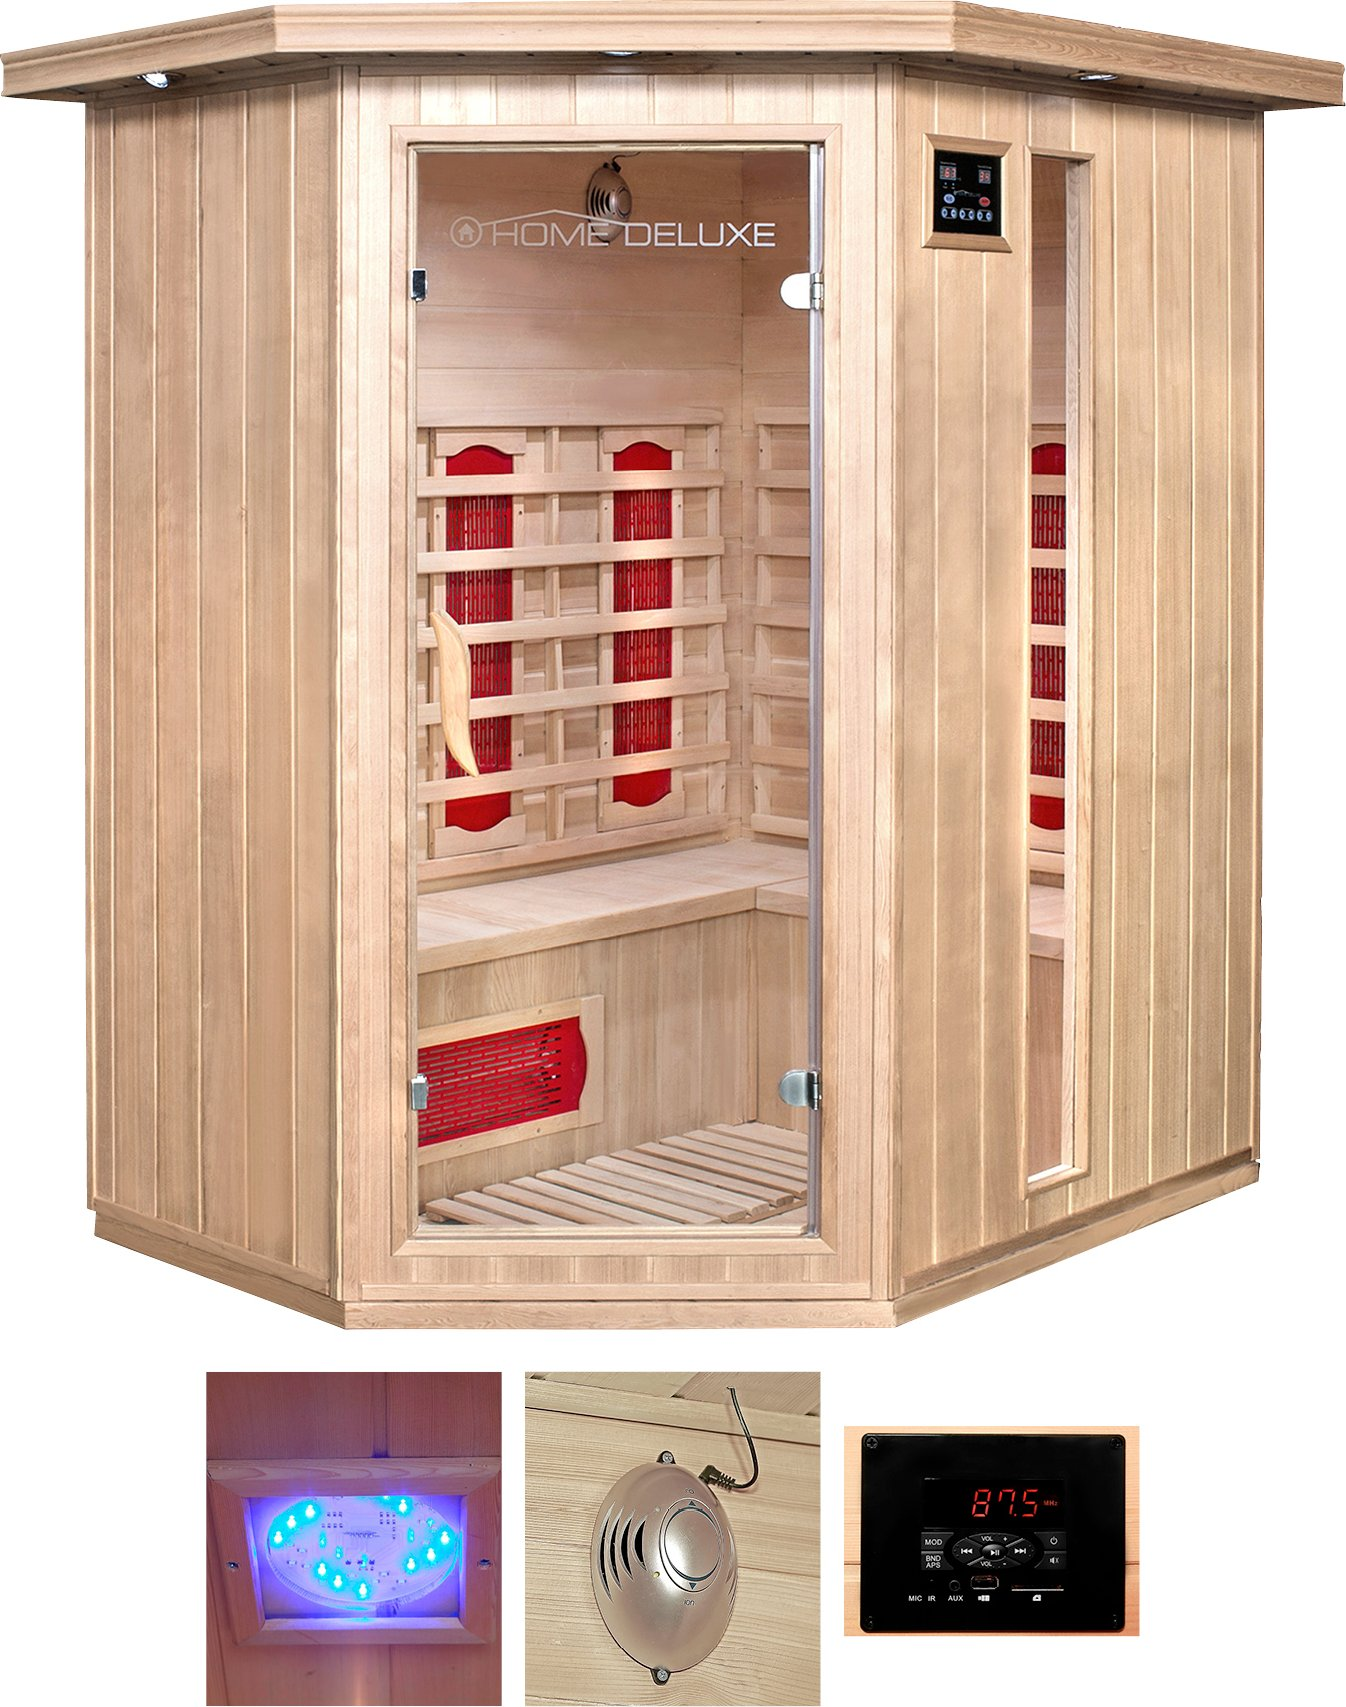 HOME DELUXE Infrarotkabine Redsun XL BxTxH: 155x120x190 cm für bis zu 3 Personen